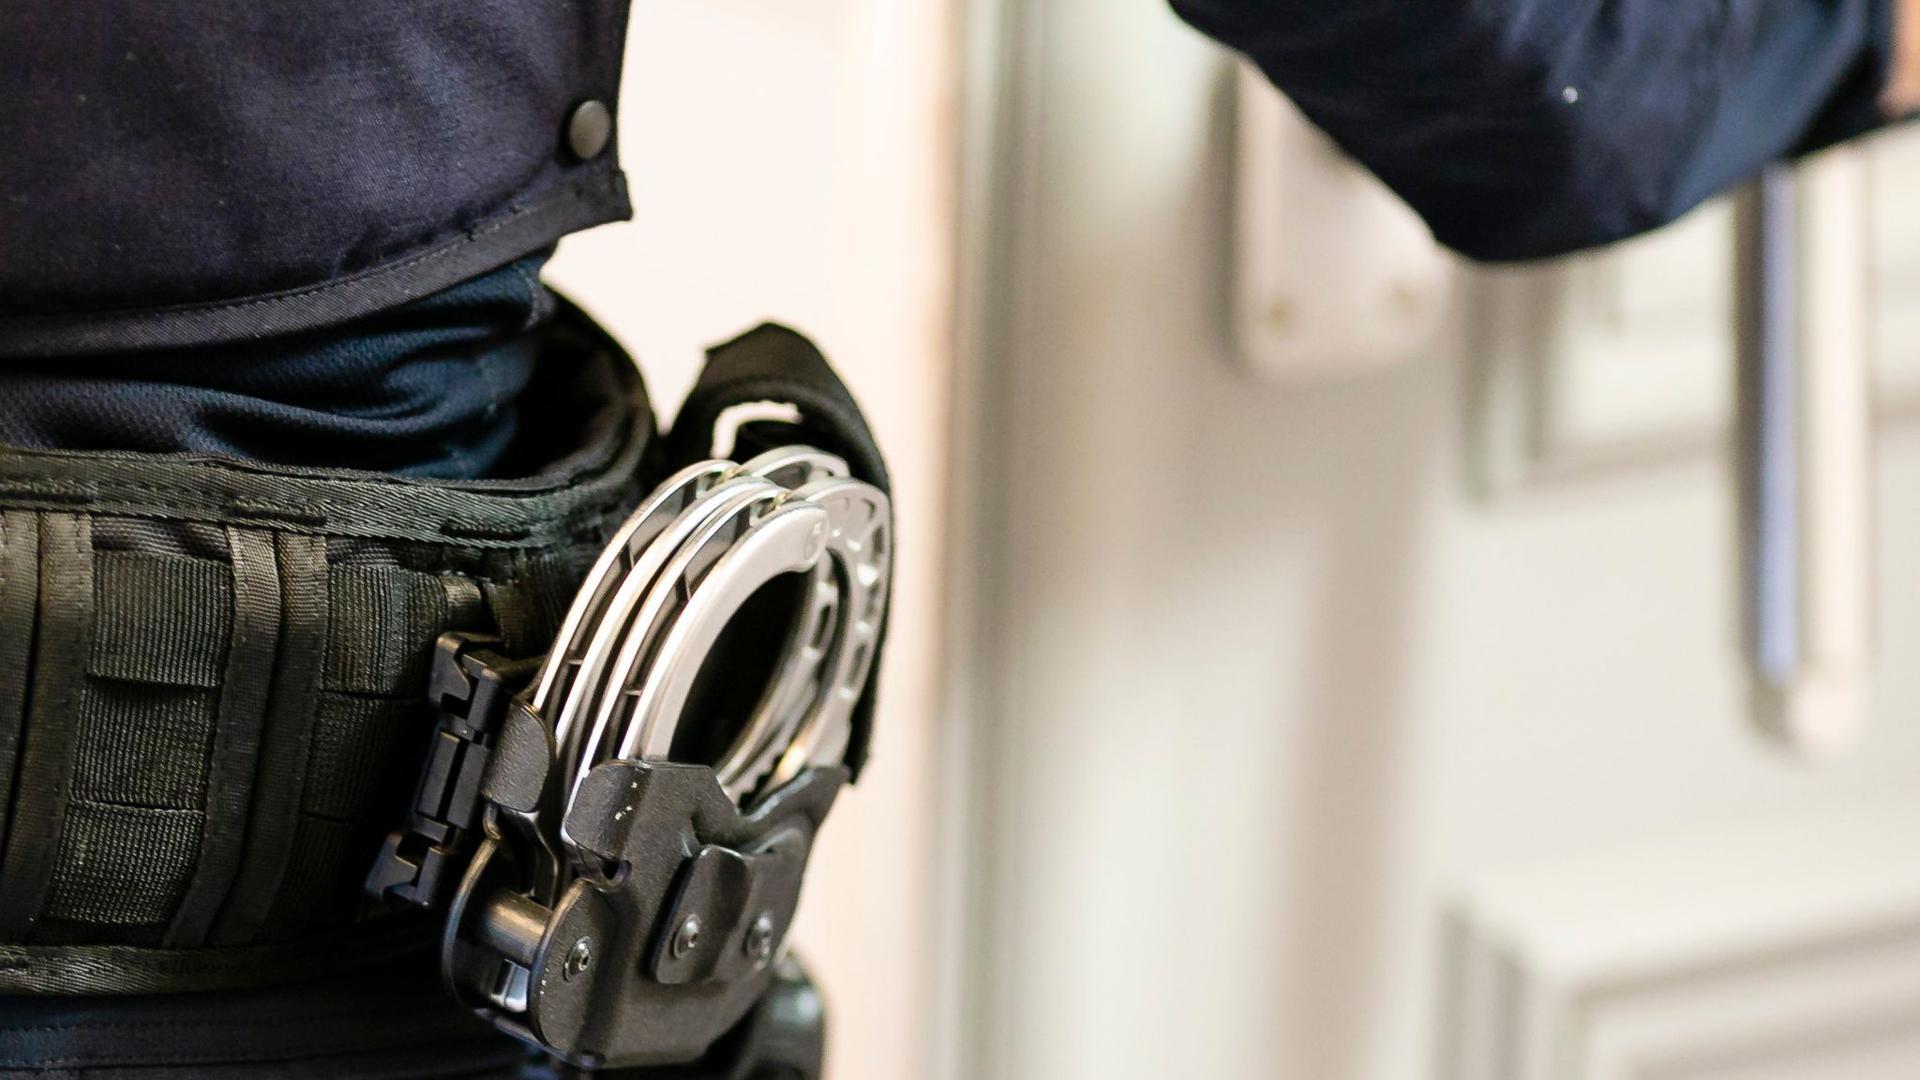 Handschellen sind an einem Gürtel eines Justizvollzugsbeamten befestigt.